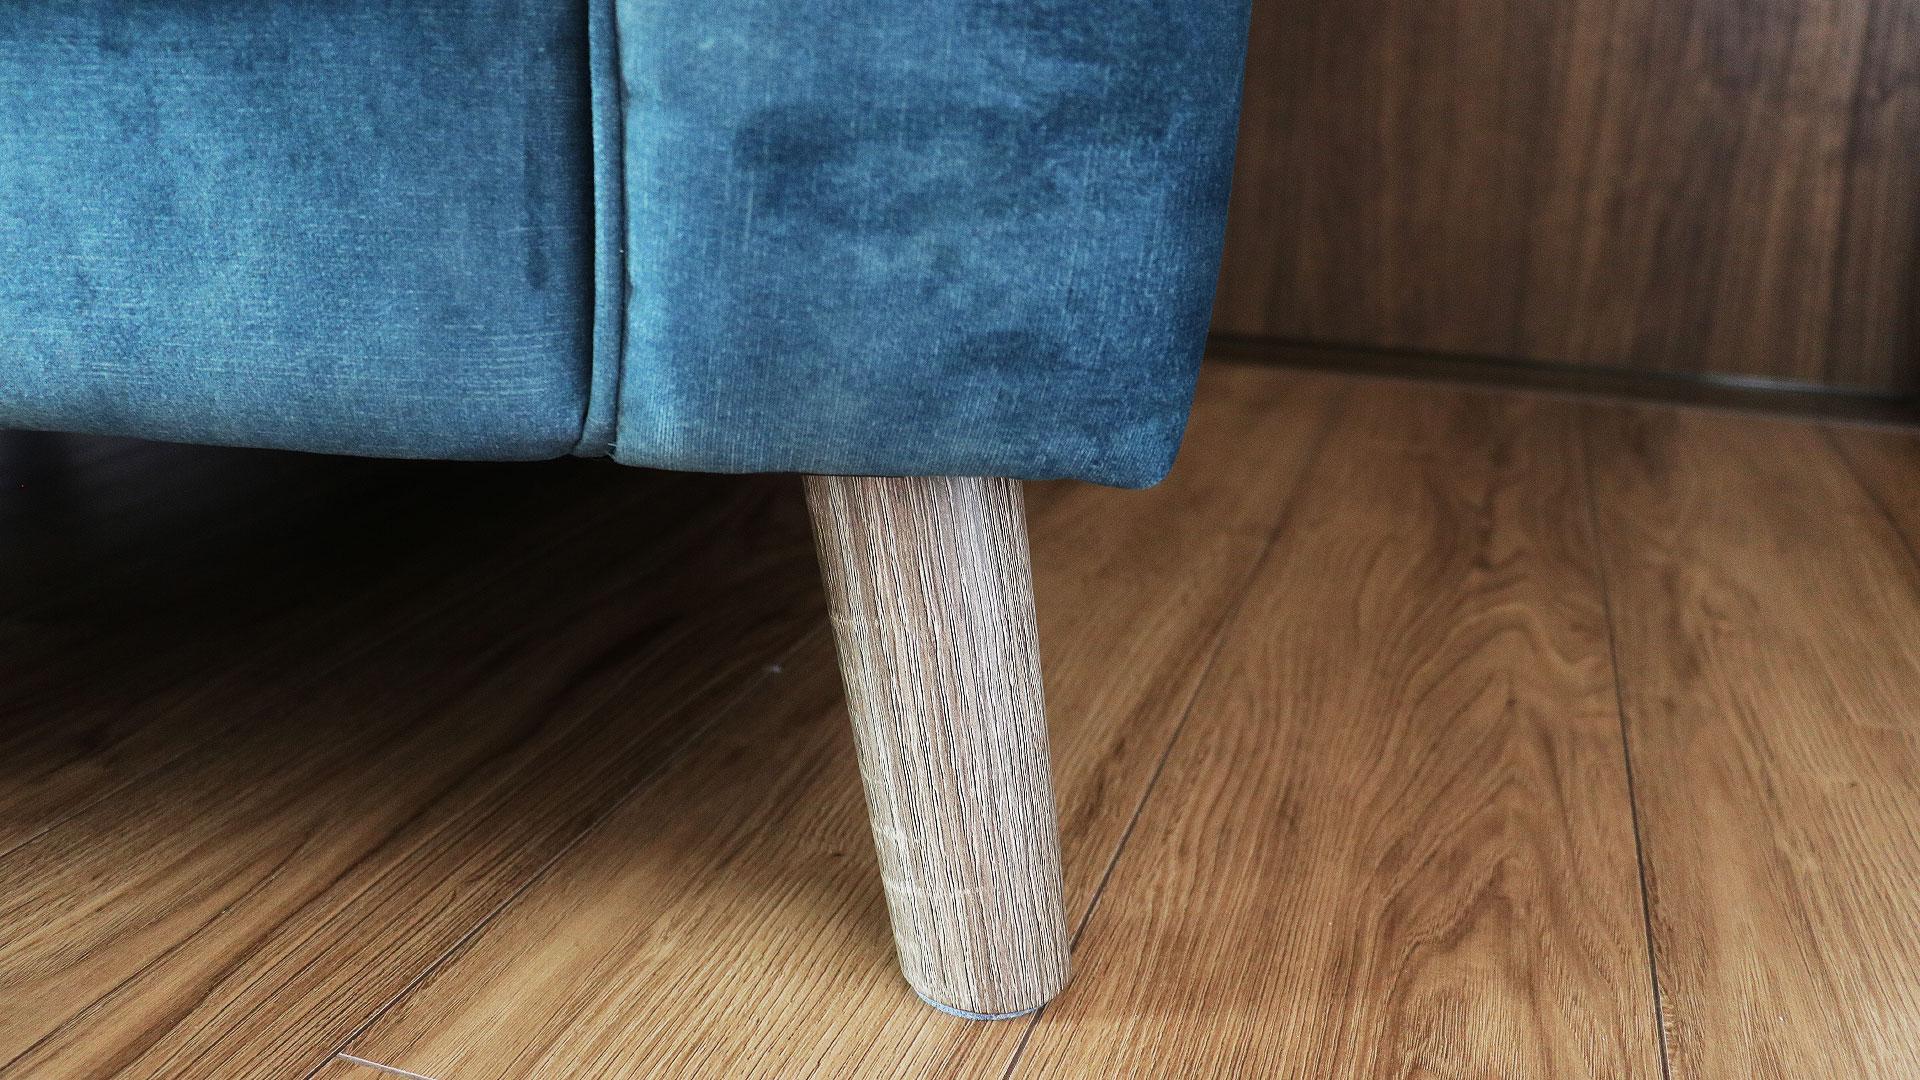 バイオリ―ノ社の欧米向けのオリジナルソファ。ベルベッド生地を使用した高級ソファ。フラヴィオの足下のアップ画像